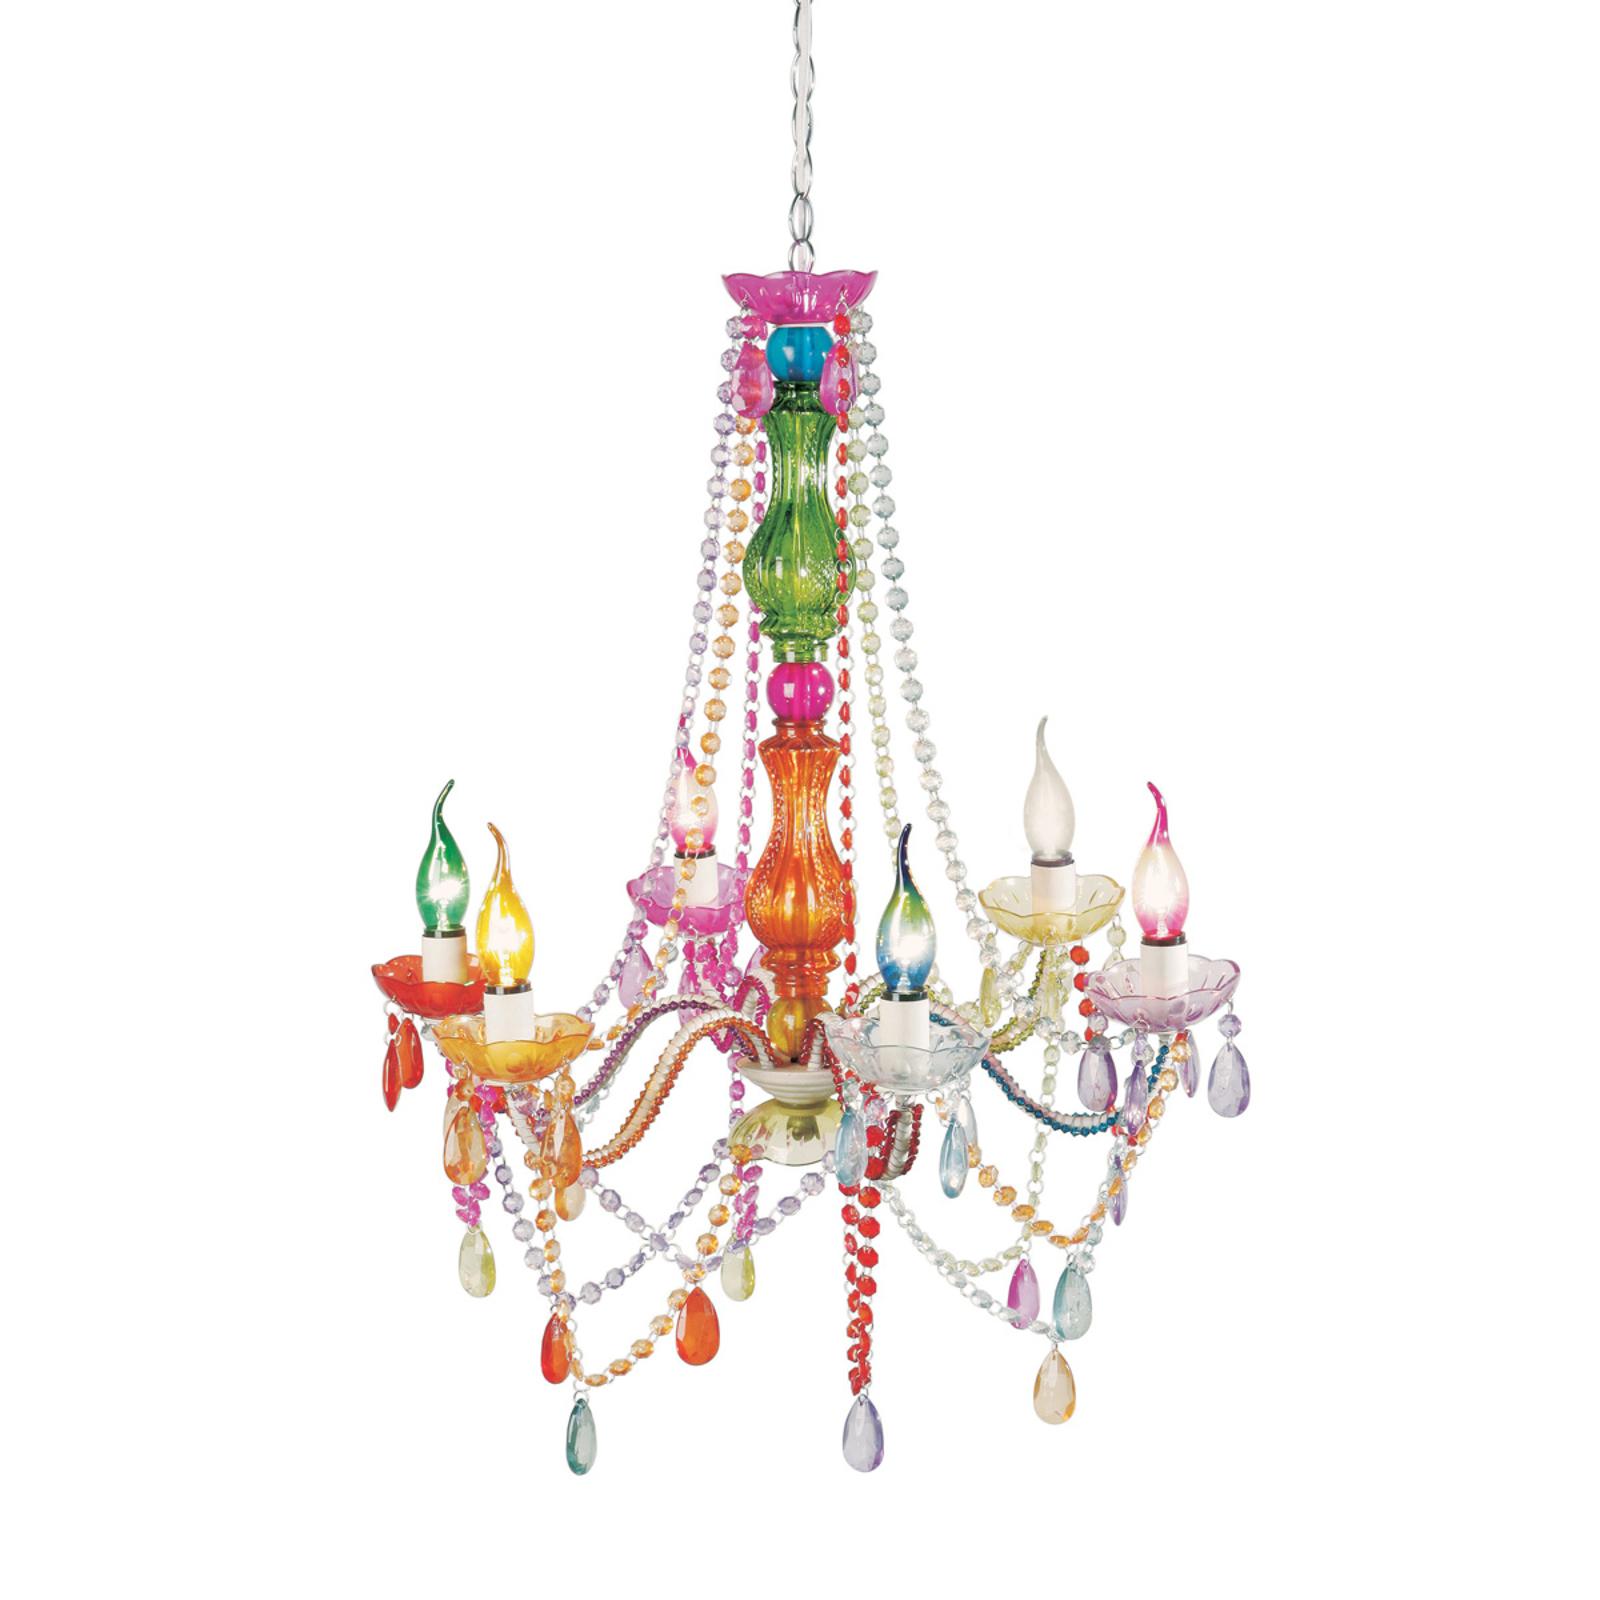 KARE Starlight Regenboog kroonluchter 6 lampjes